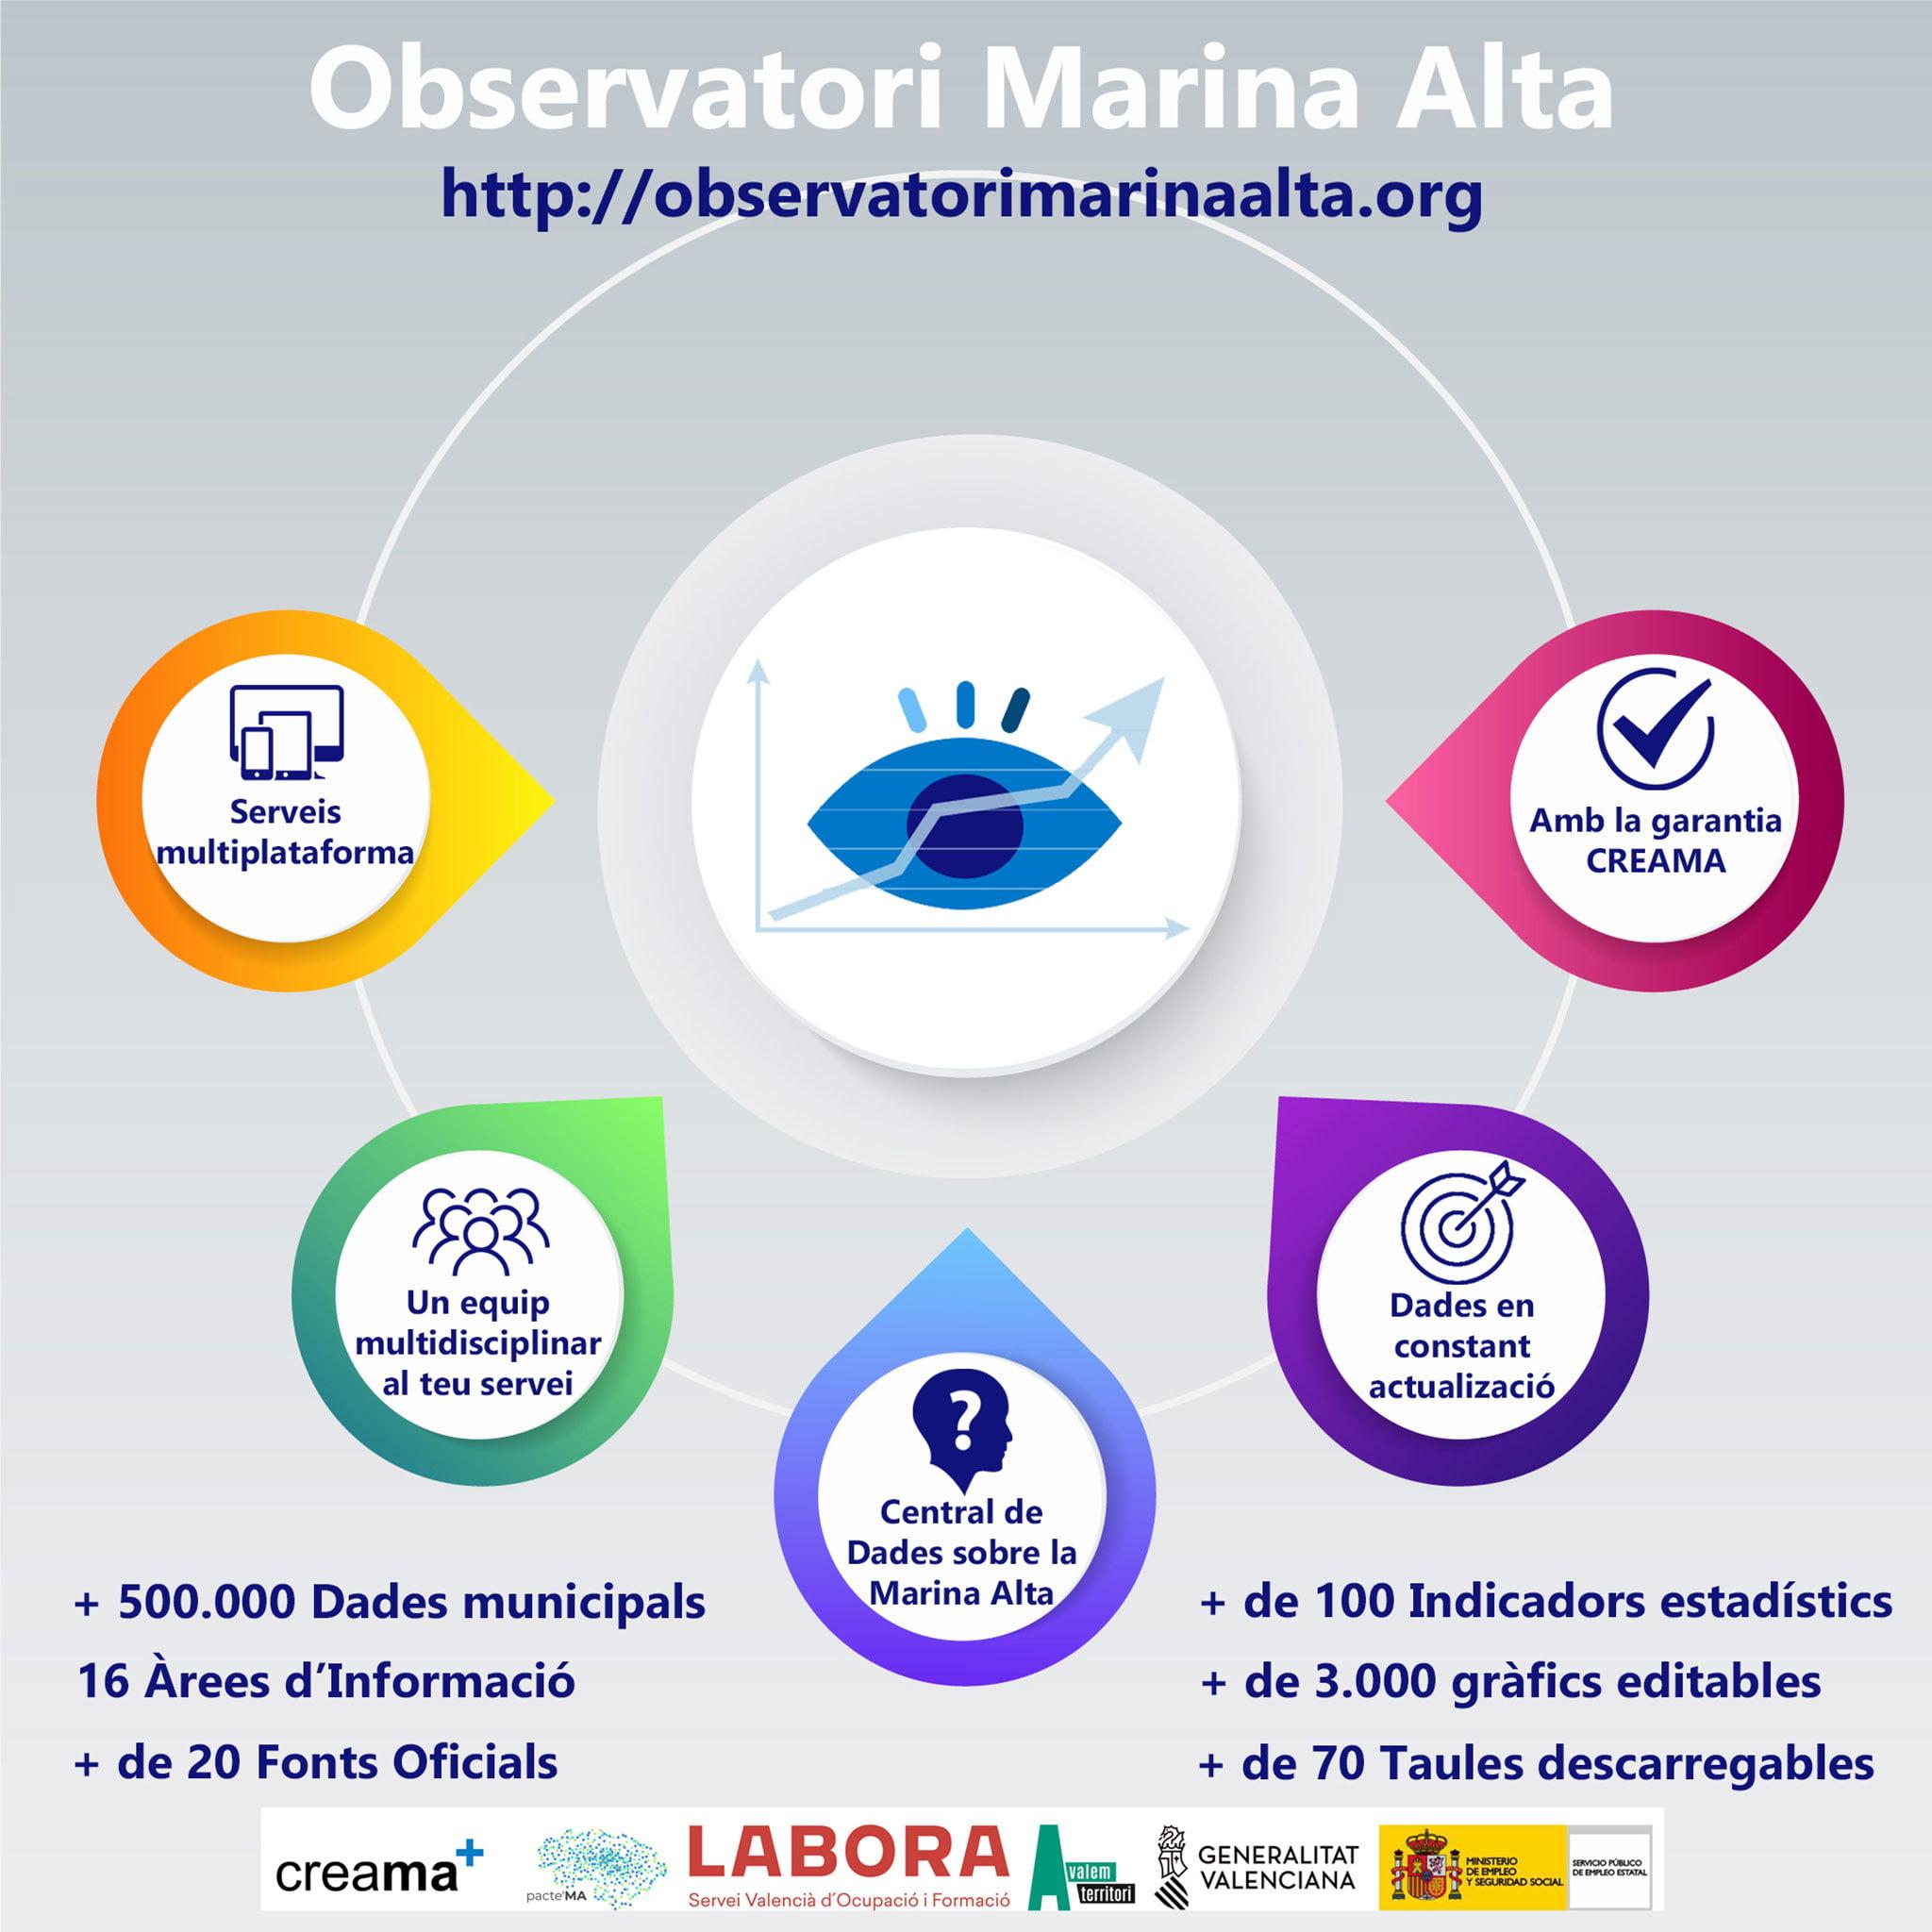 Generic image of the functions of L'Observatori de la Marina Alta